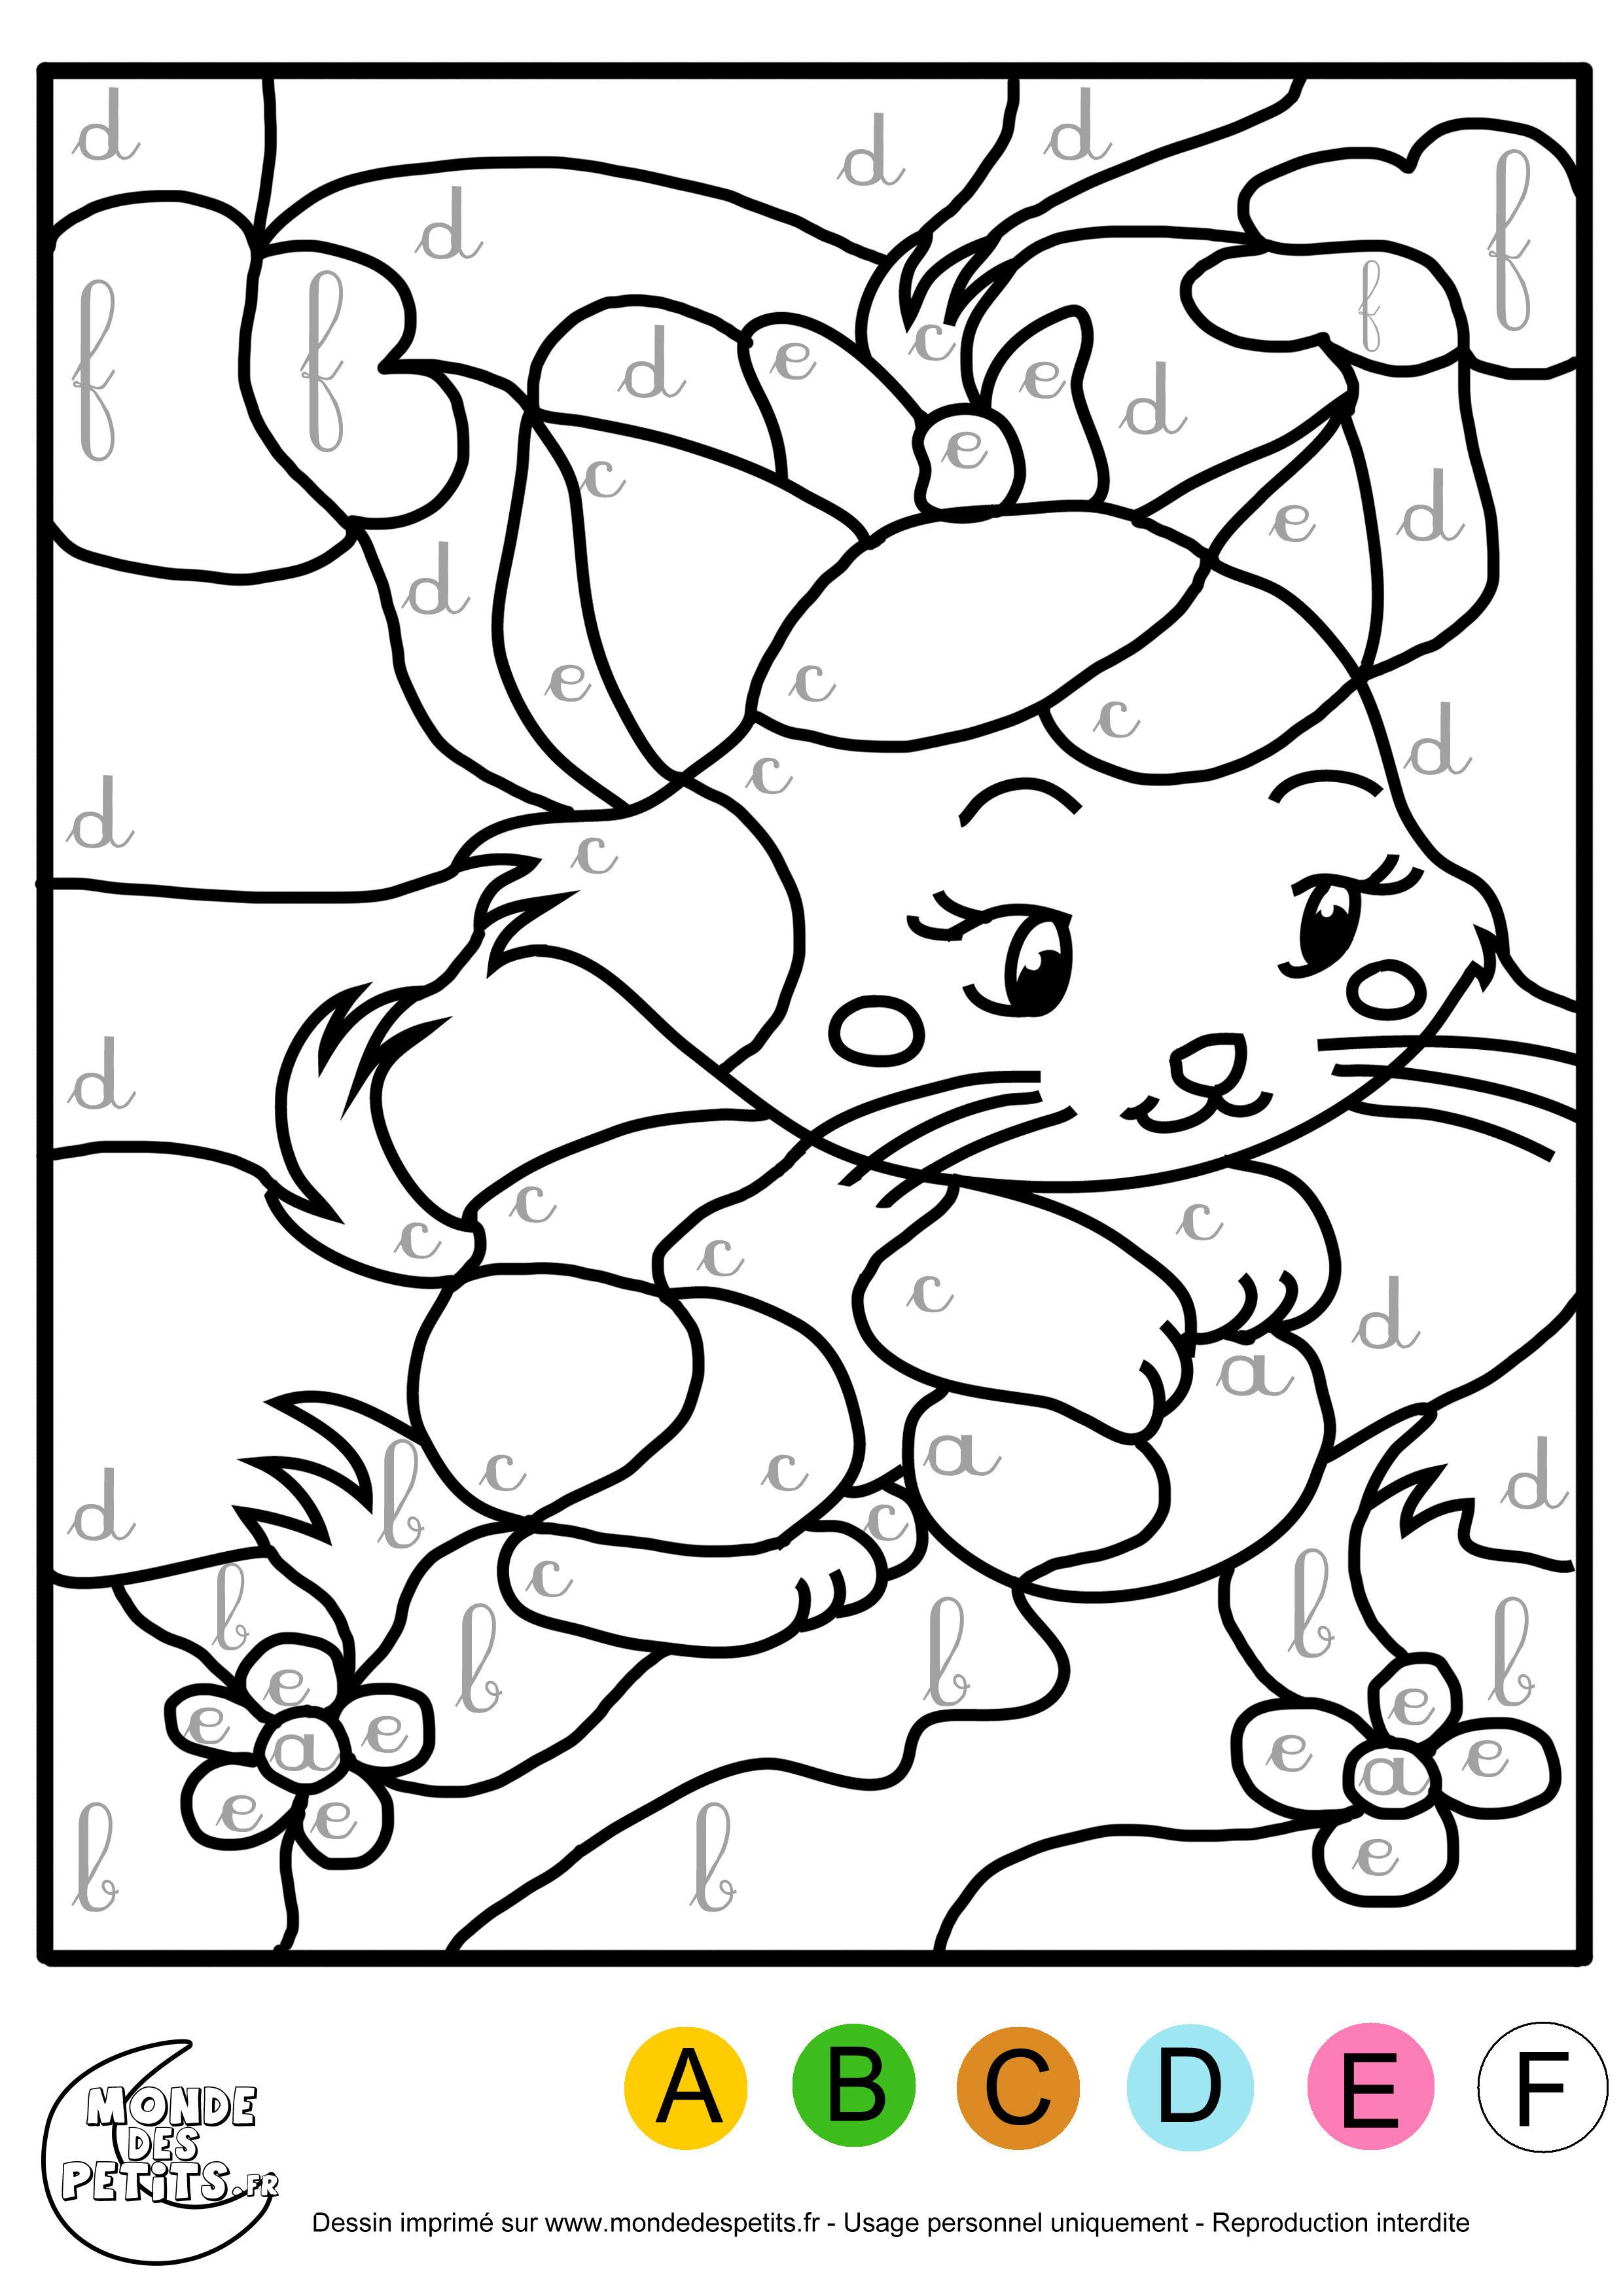 Pikachu Ausmalbilder Süß Frisch Numero A Imprimer 2017 10 27t05 12 Bild